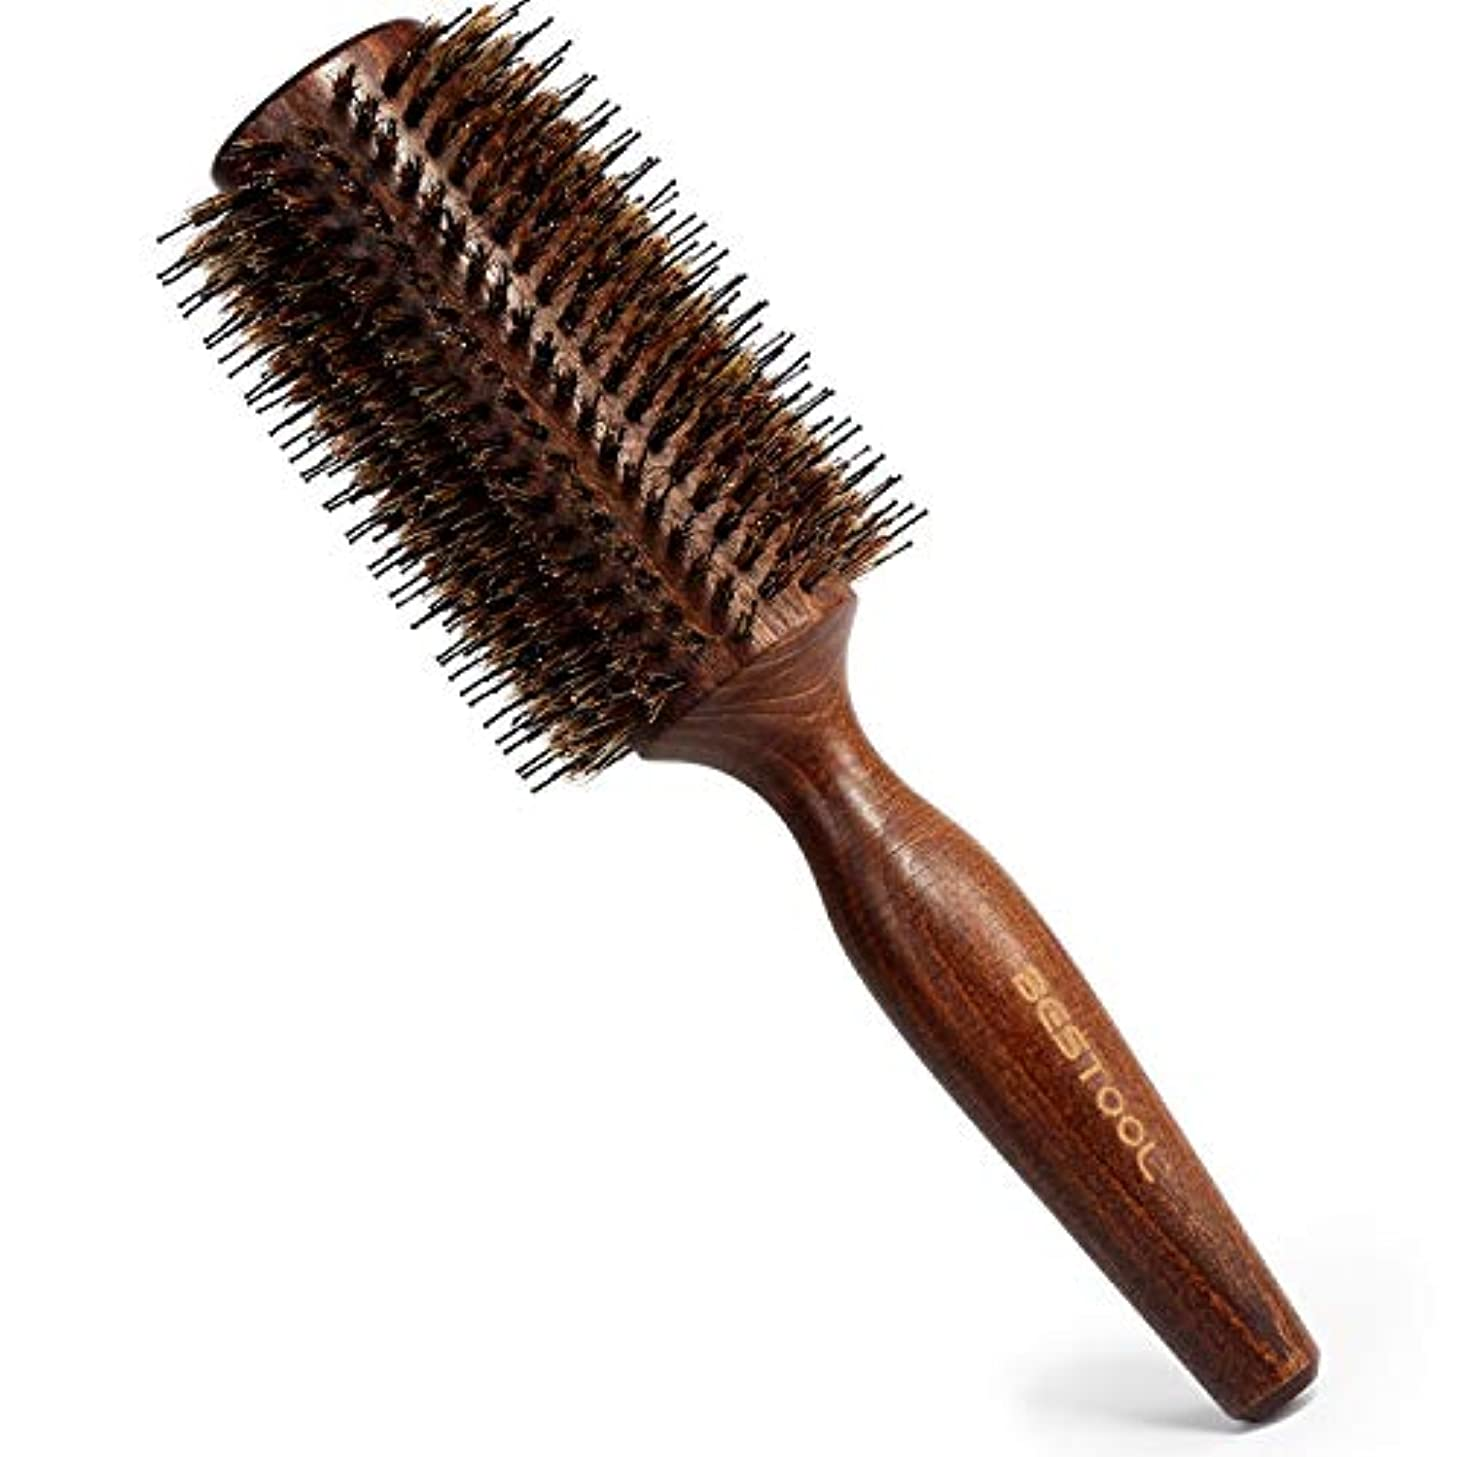 万歳ボリューム制限豚毛ヘアブラシ ロールブラシ Bestool ケヤキ製 髪をつやつやする ファッションヘアブラシ 新型タイプ 高級美容ヘアブラシ (L, ケヤキ)